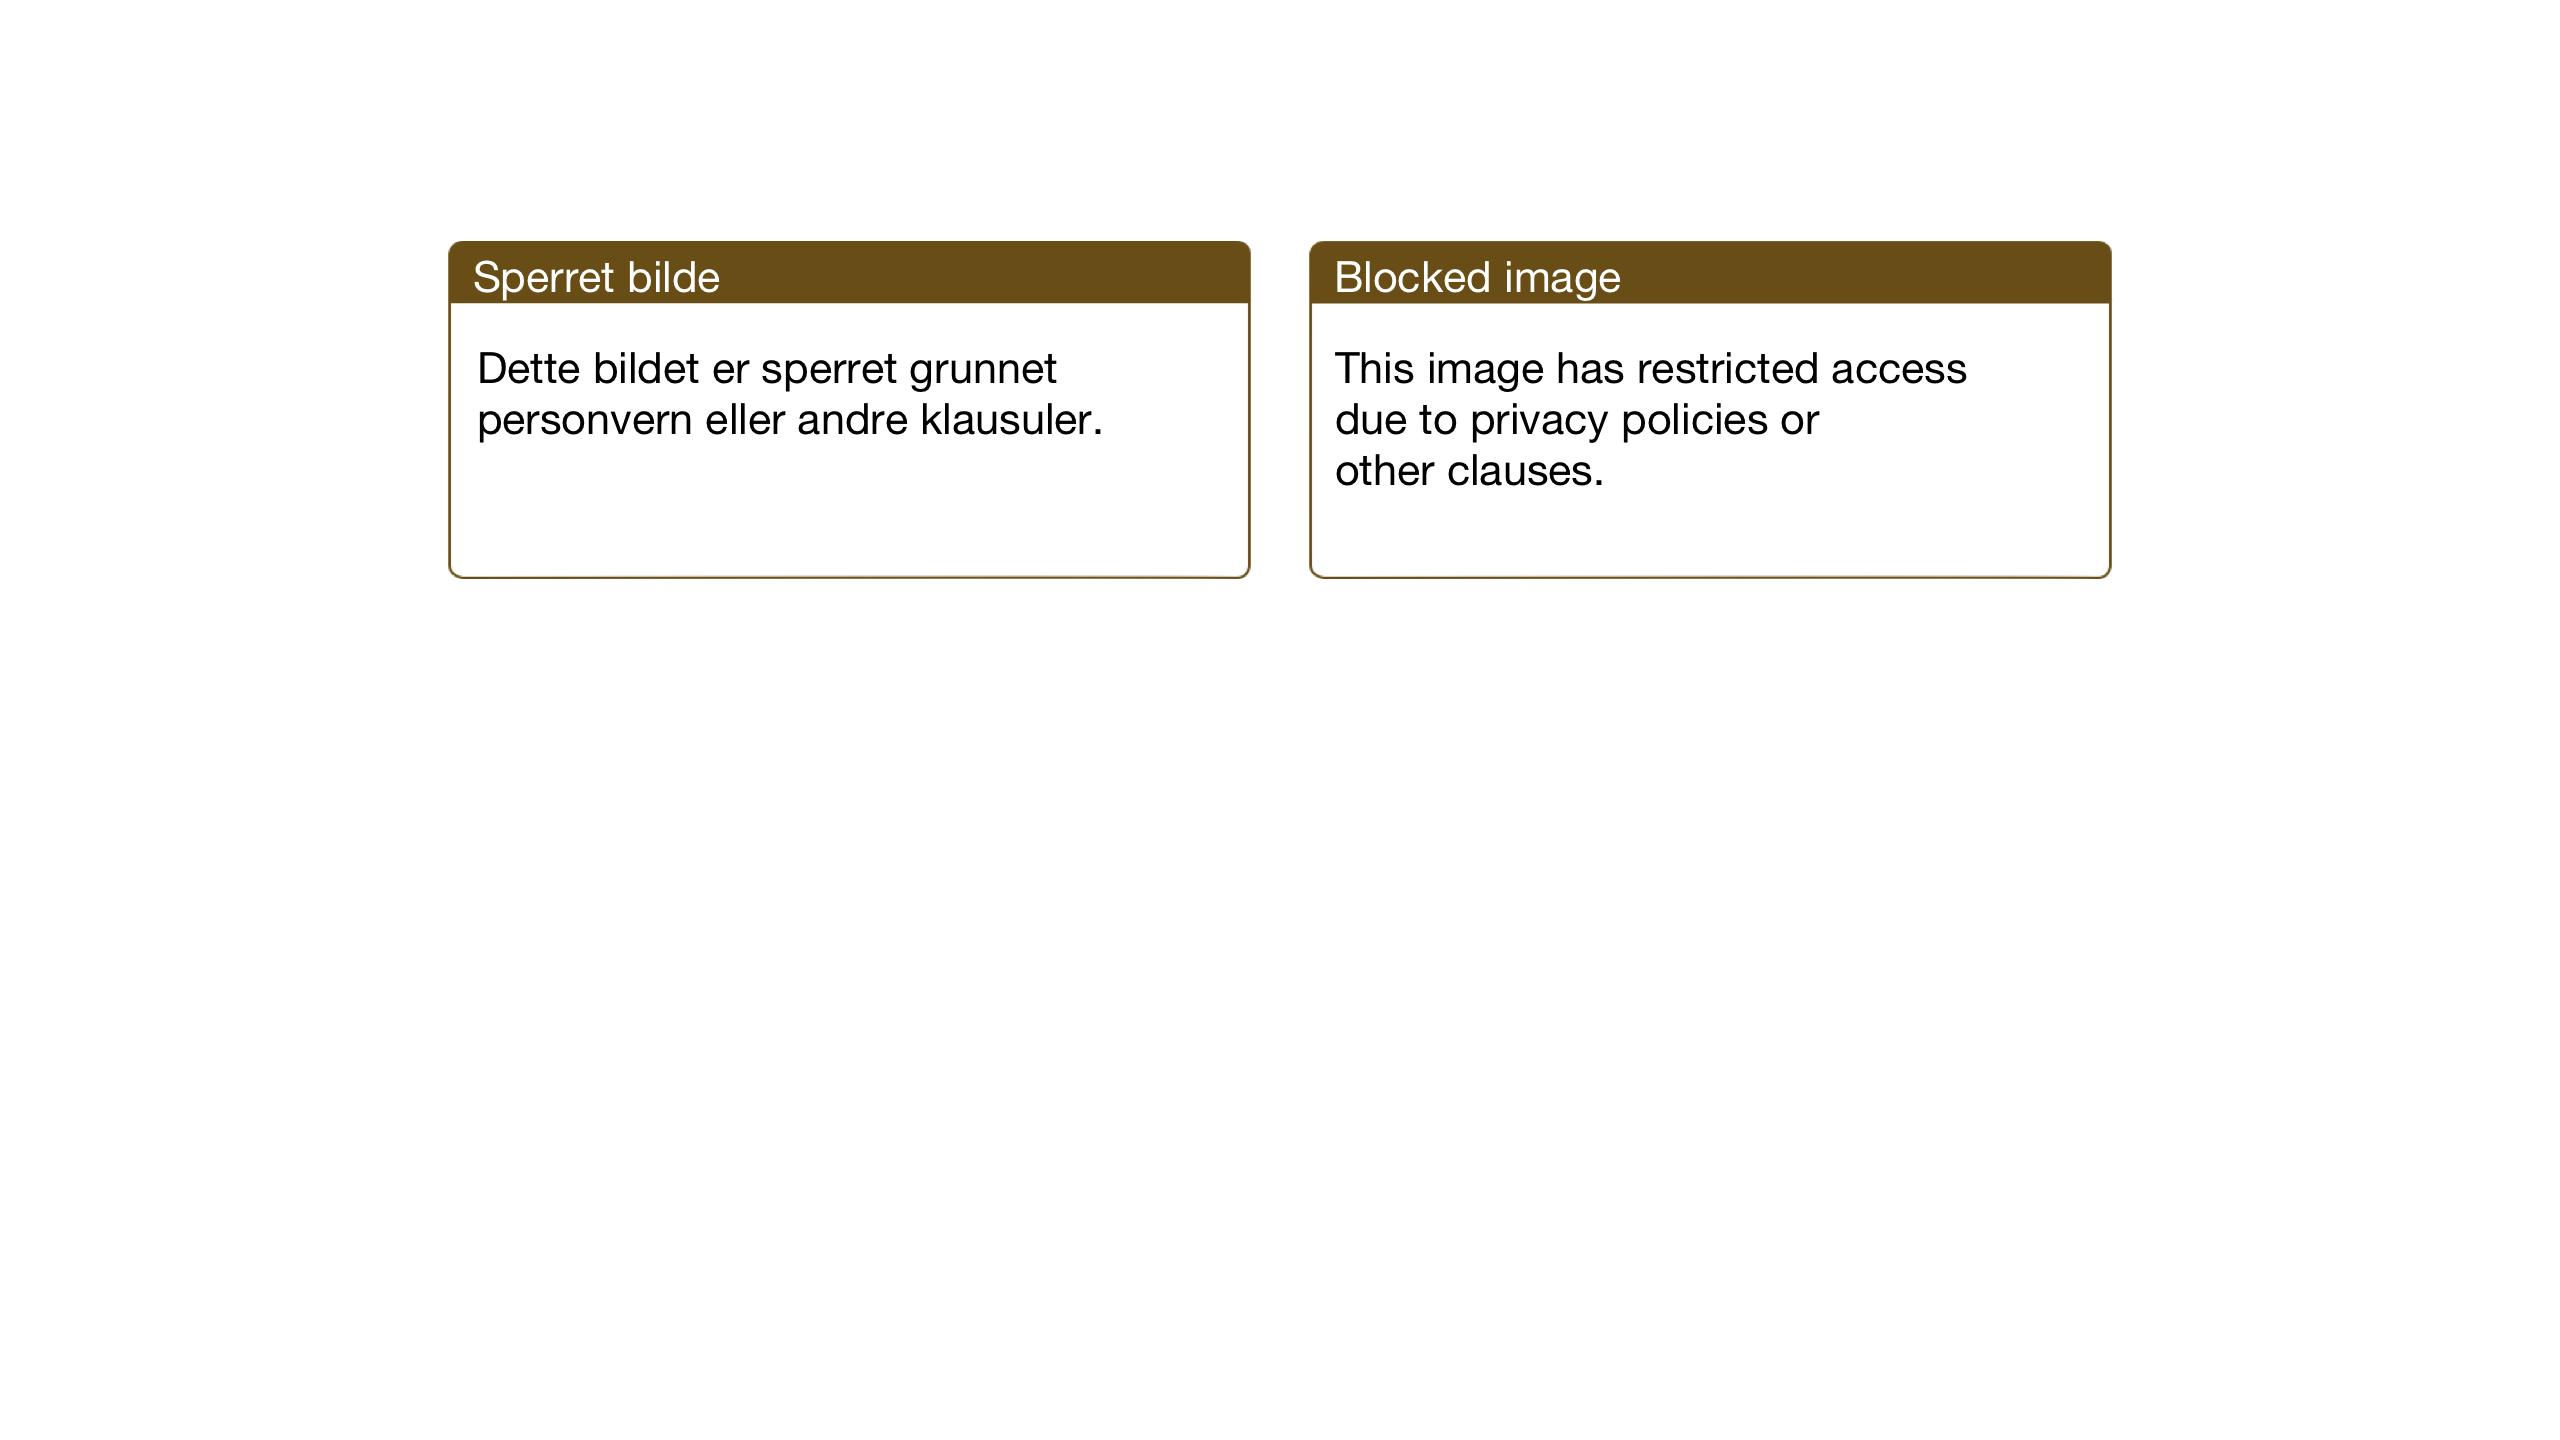 SAT, Ministerialprotokoller, klokkerbøker og fødselsregistre - Nord-Trøndelag, 774/L0631: Klokkerbok nr. 774C02, 1934-1950, s. 23